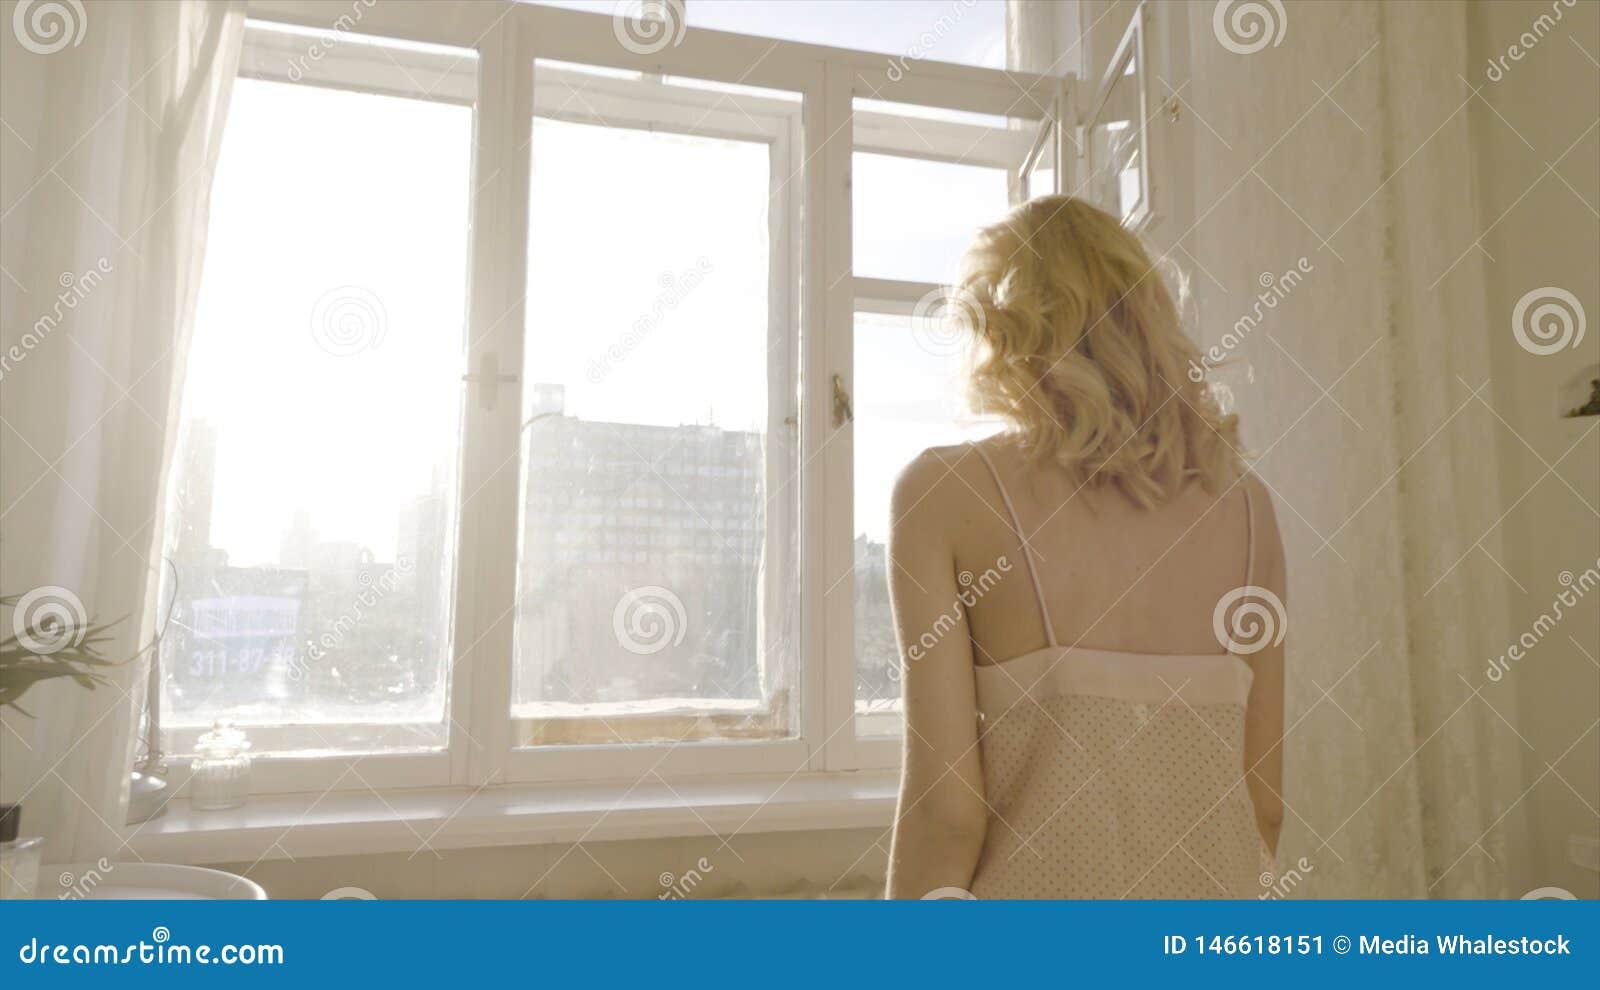 Сексуальная блондинка возле окна